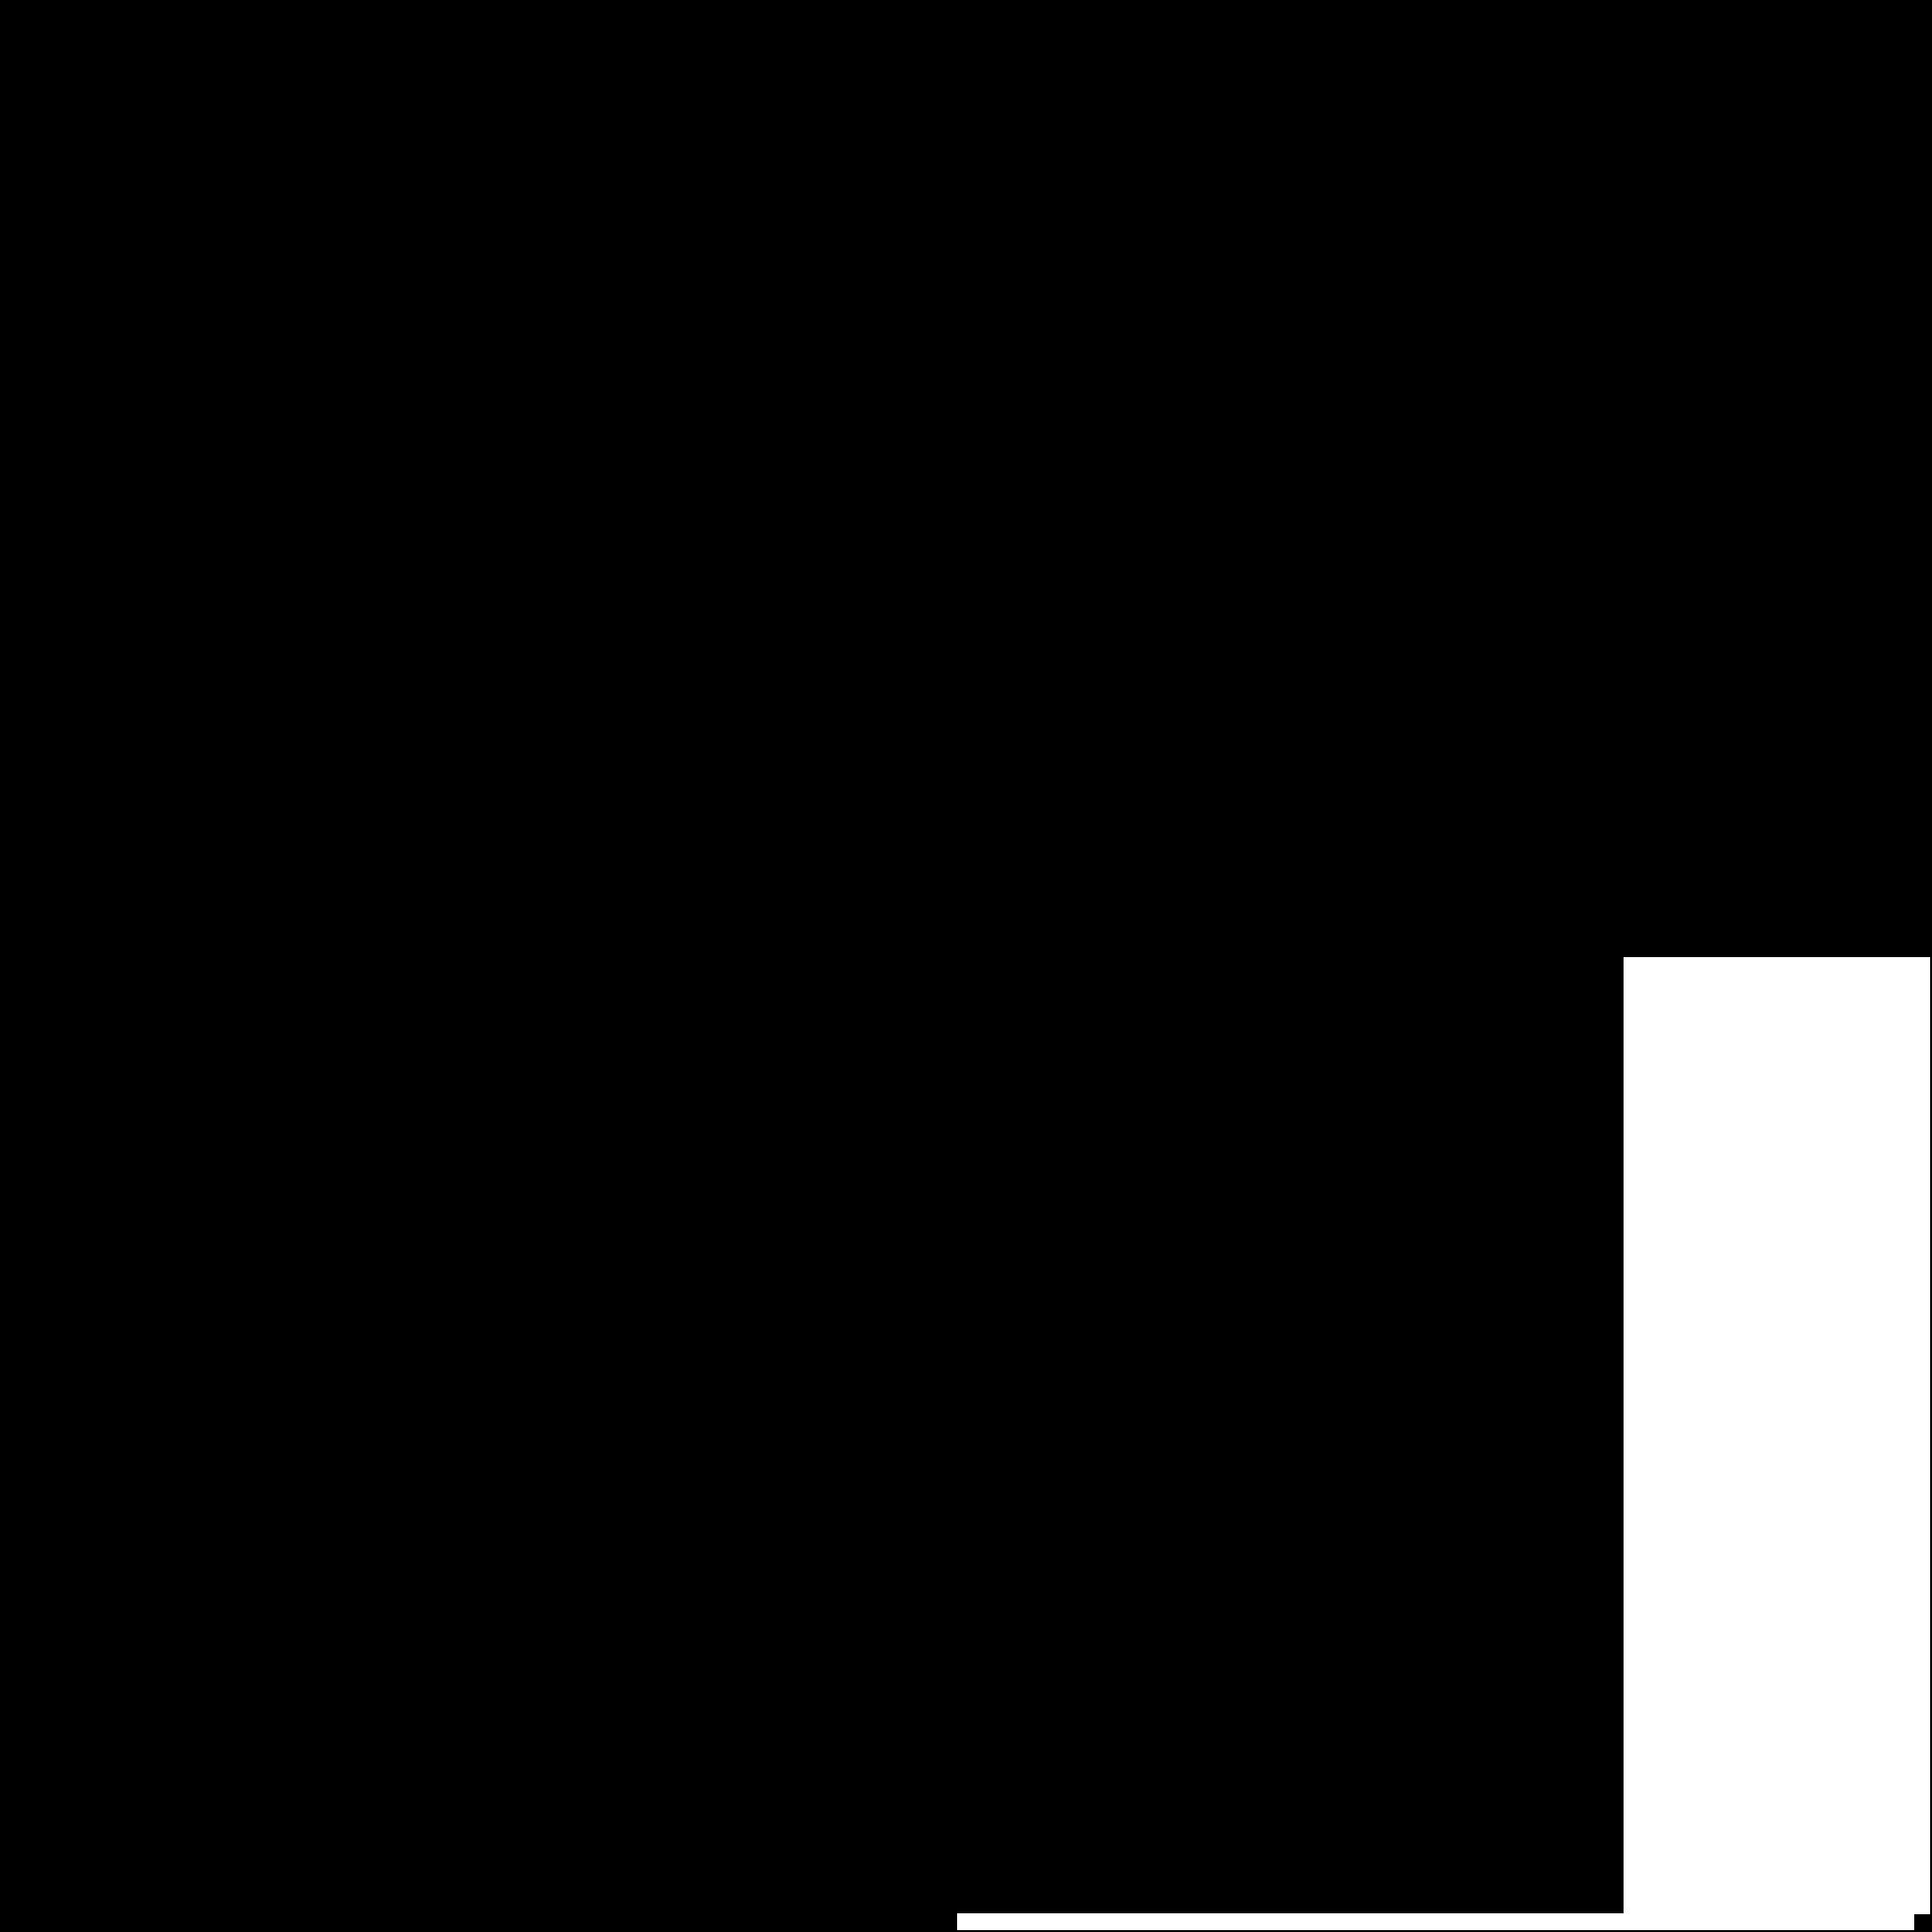 6f6b58f147